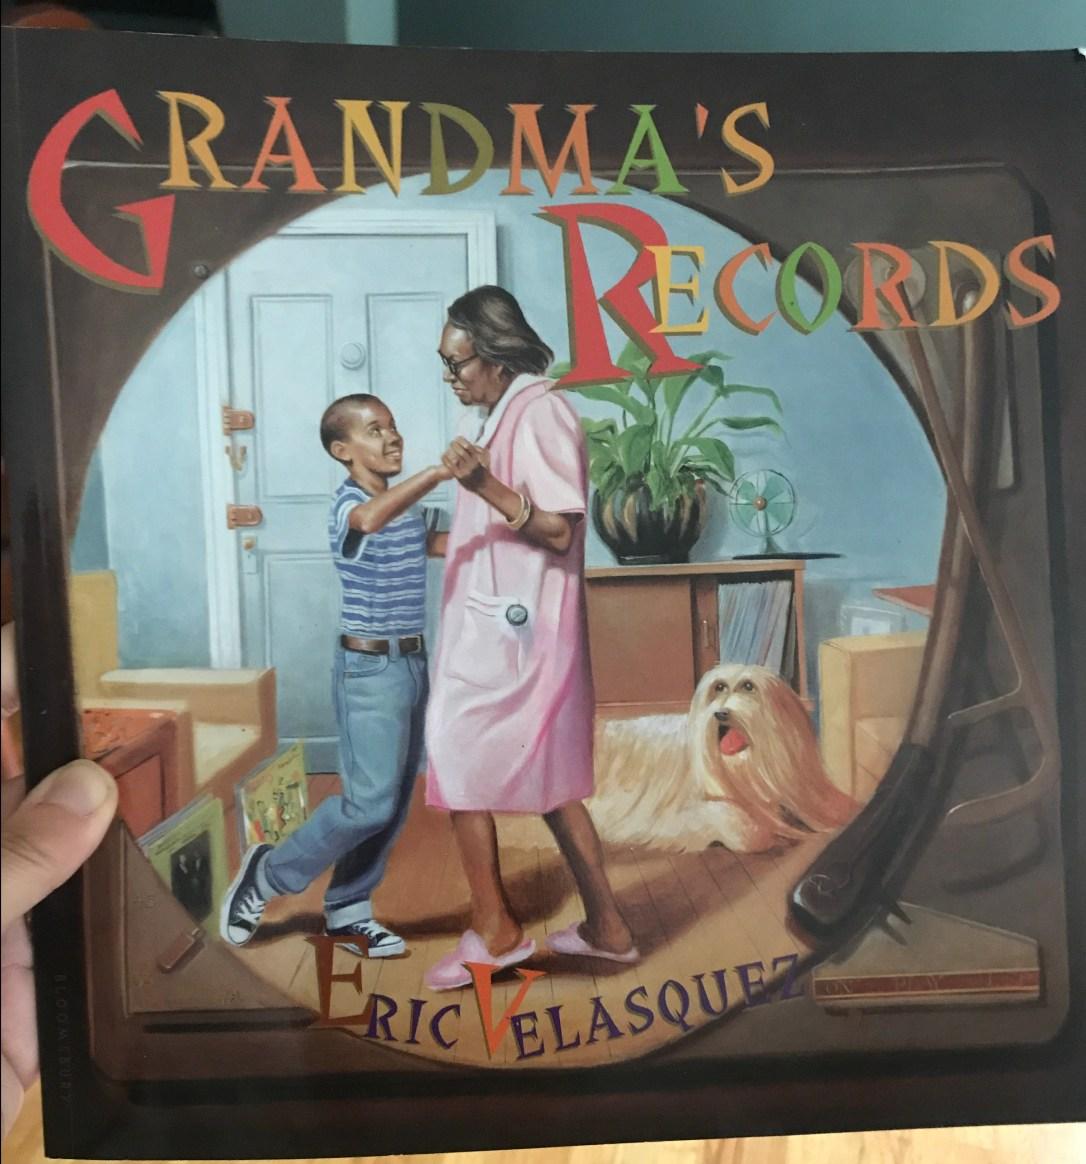 Grandma's Record By: Eric Velasquez